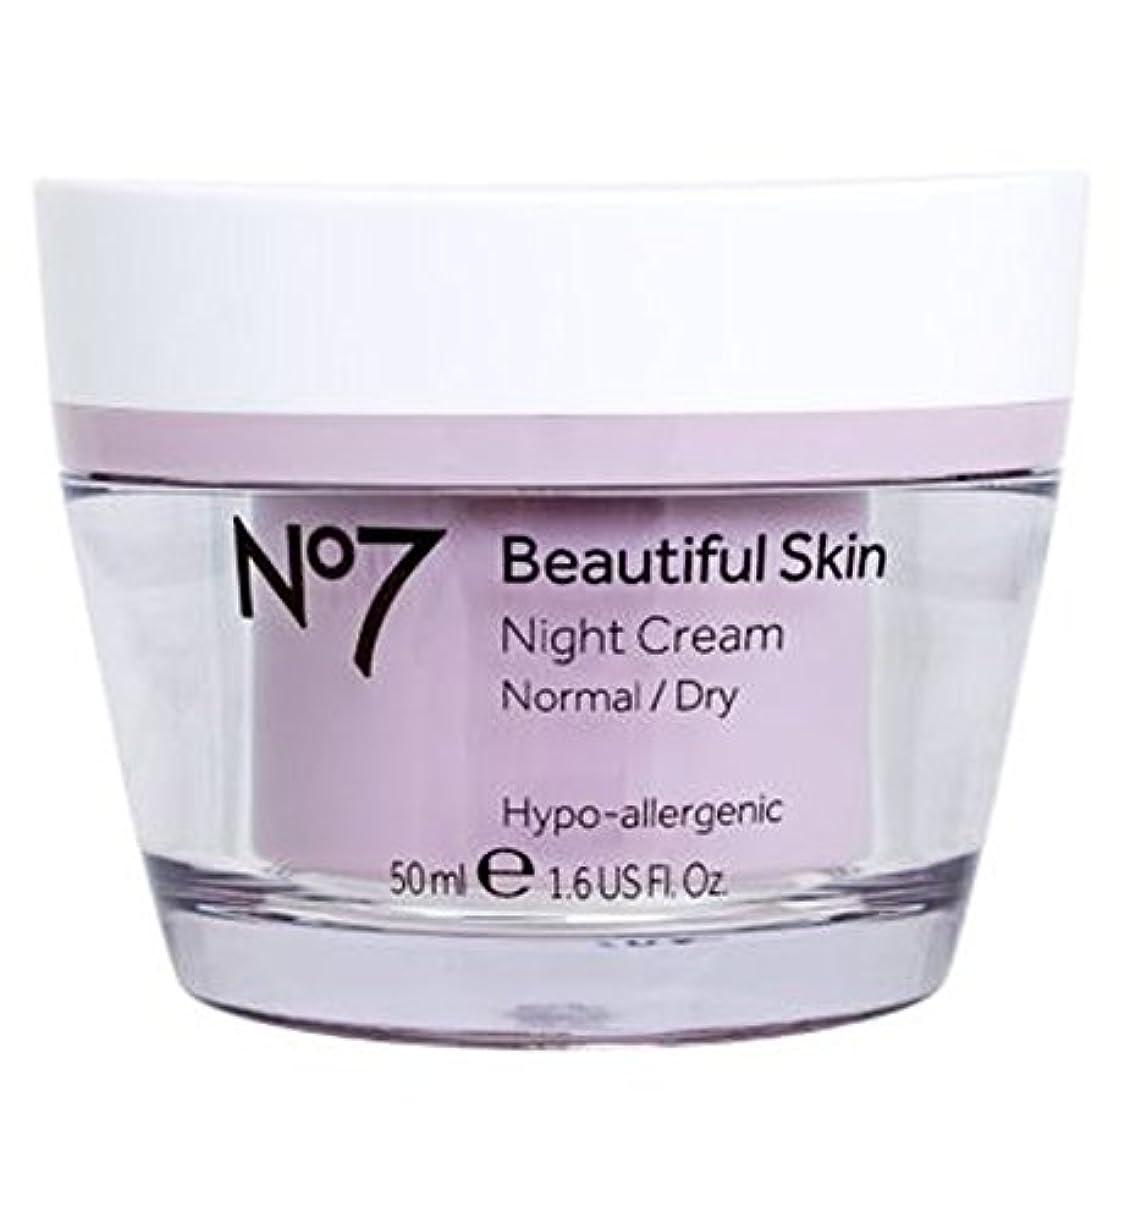 請負業者艶ゴージャスNo7 Beautiful Skin Night Cream for Normal / Dry Skin 50ml - ノーマル/乾燥肌50ミリリットルのためNo7美肌ナイトクリーム (No7) [並行輸入品]